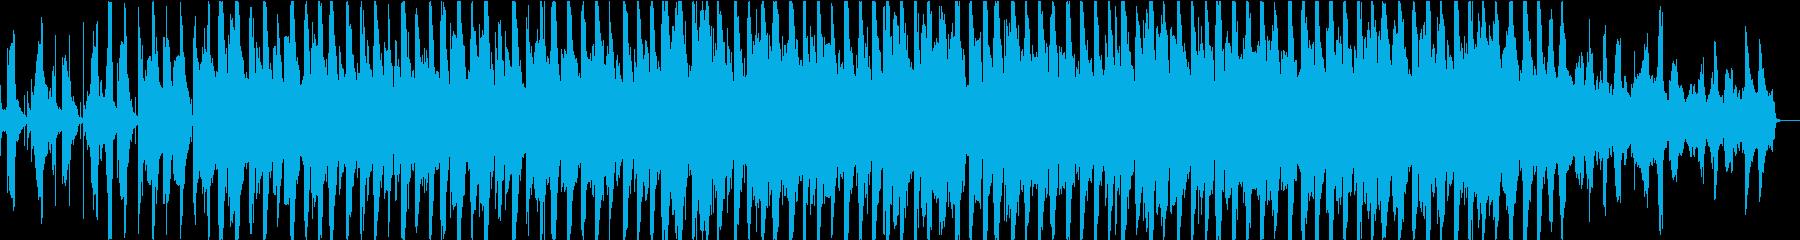 60秒 動画広告等 ポップなテックハウスの再生済みの波形